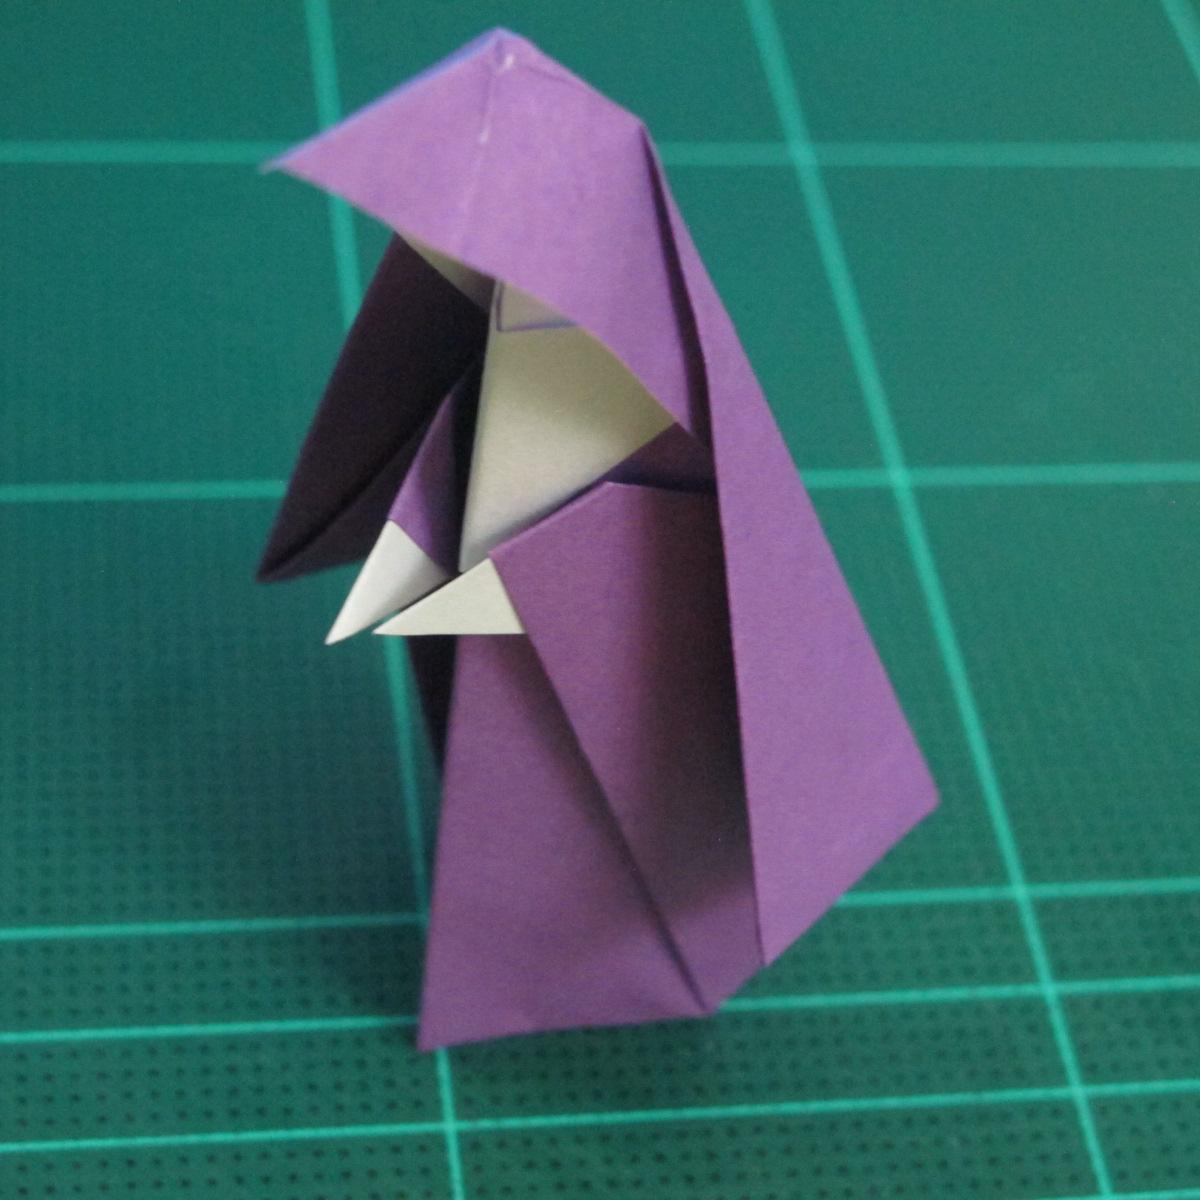 การพับกระดาษเป็นรูปแม่ชี (Origami Nun) 009